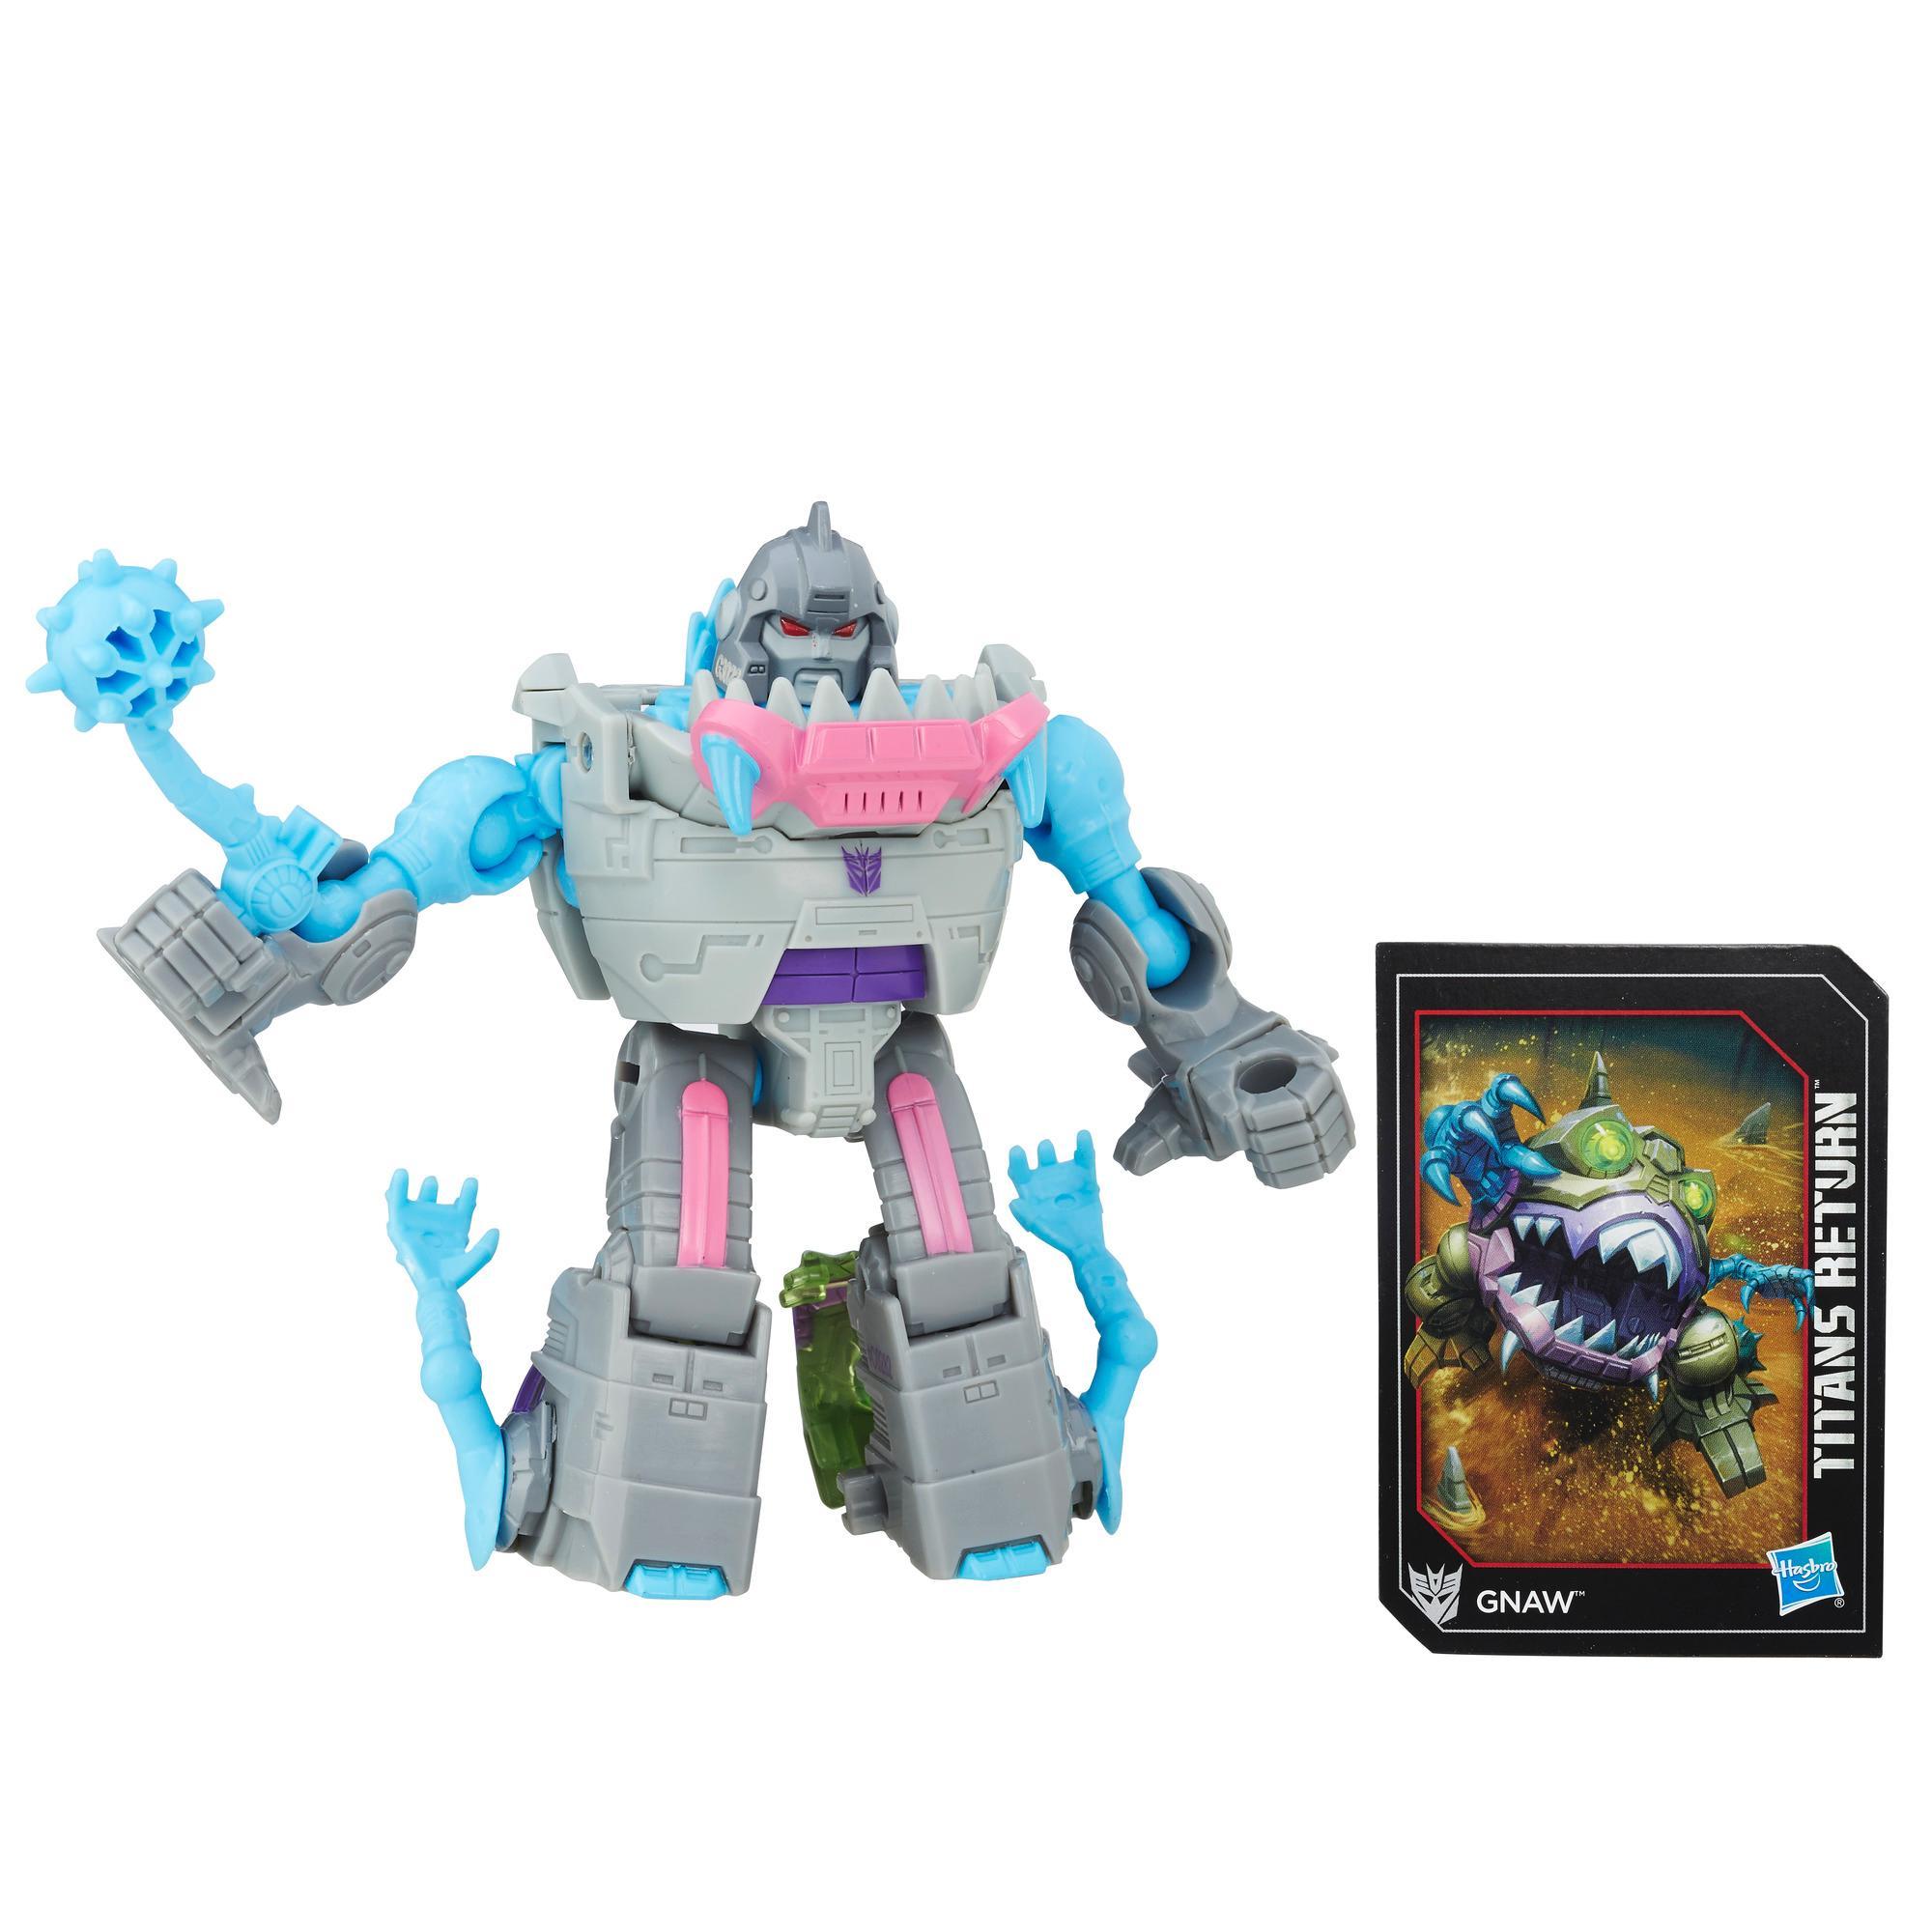 Transformers Generations Titans Return - Gnaw clase leyendas